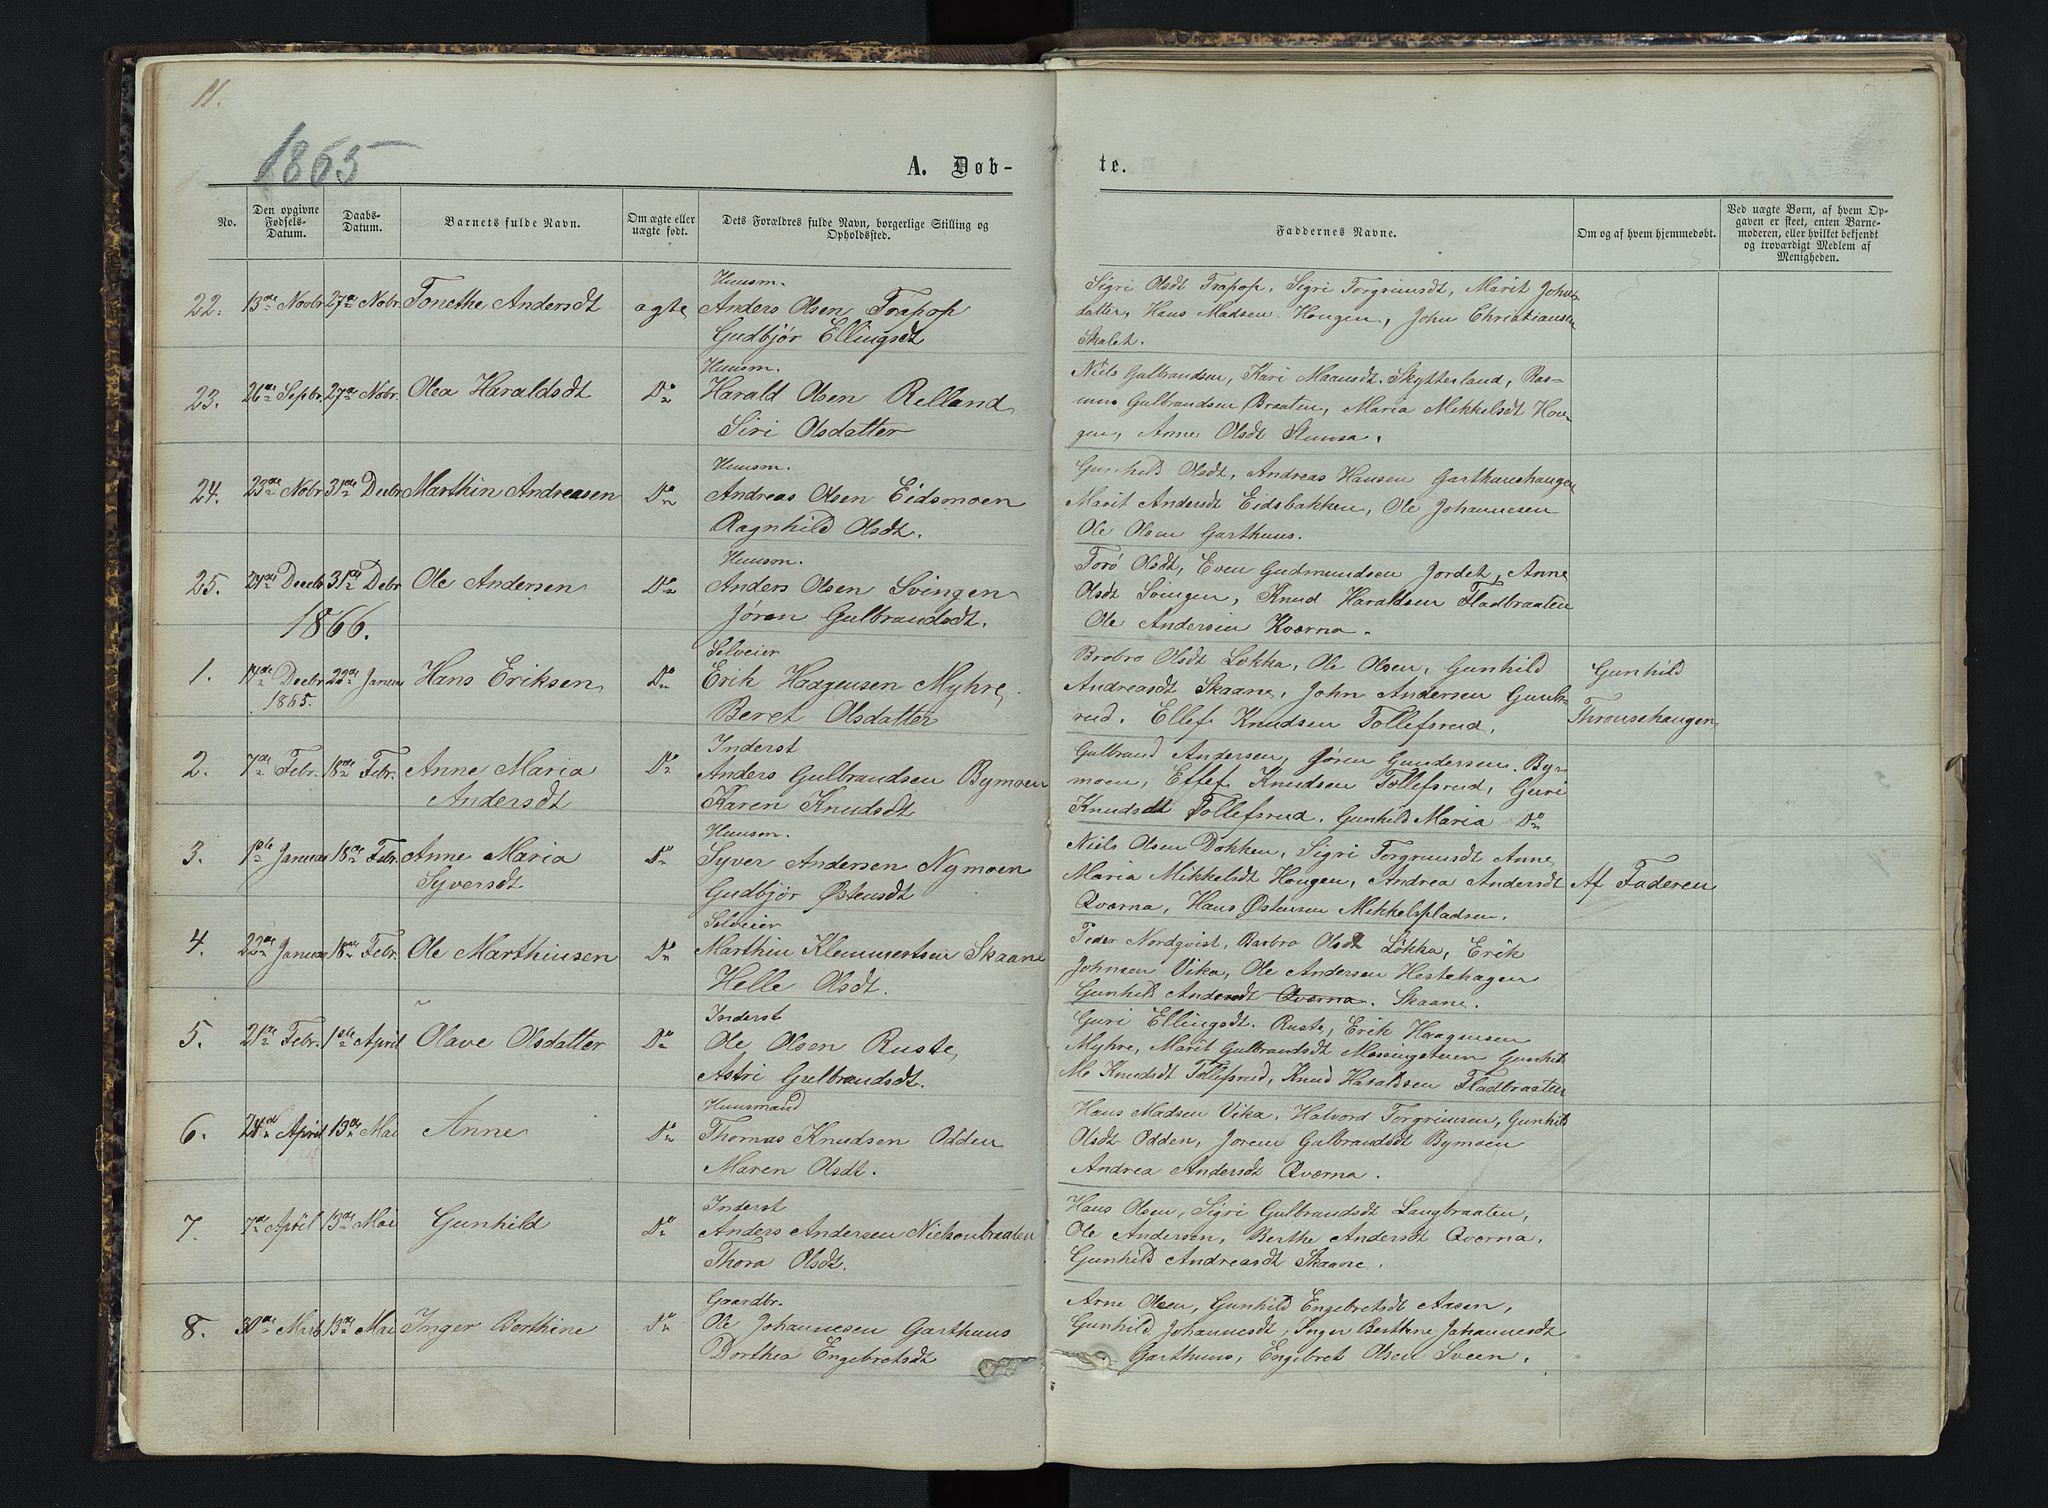 SAH, Sør-Aurdal prestekontor, Klokkerbok nr. 3, 1862-1893, s. 11